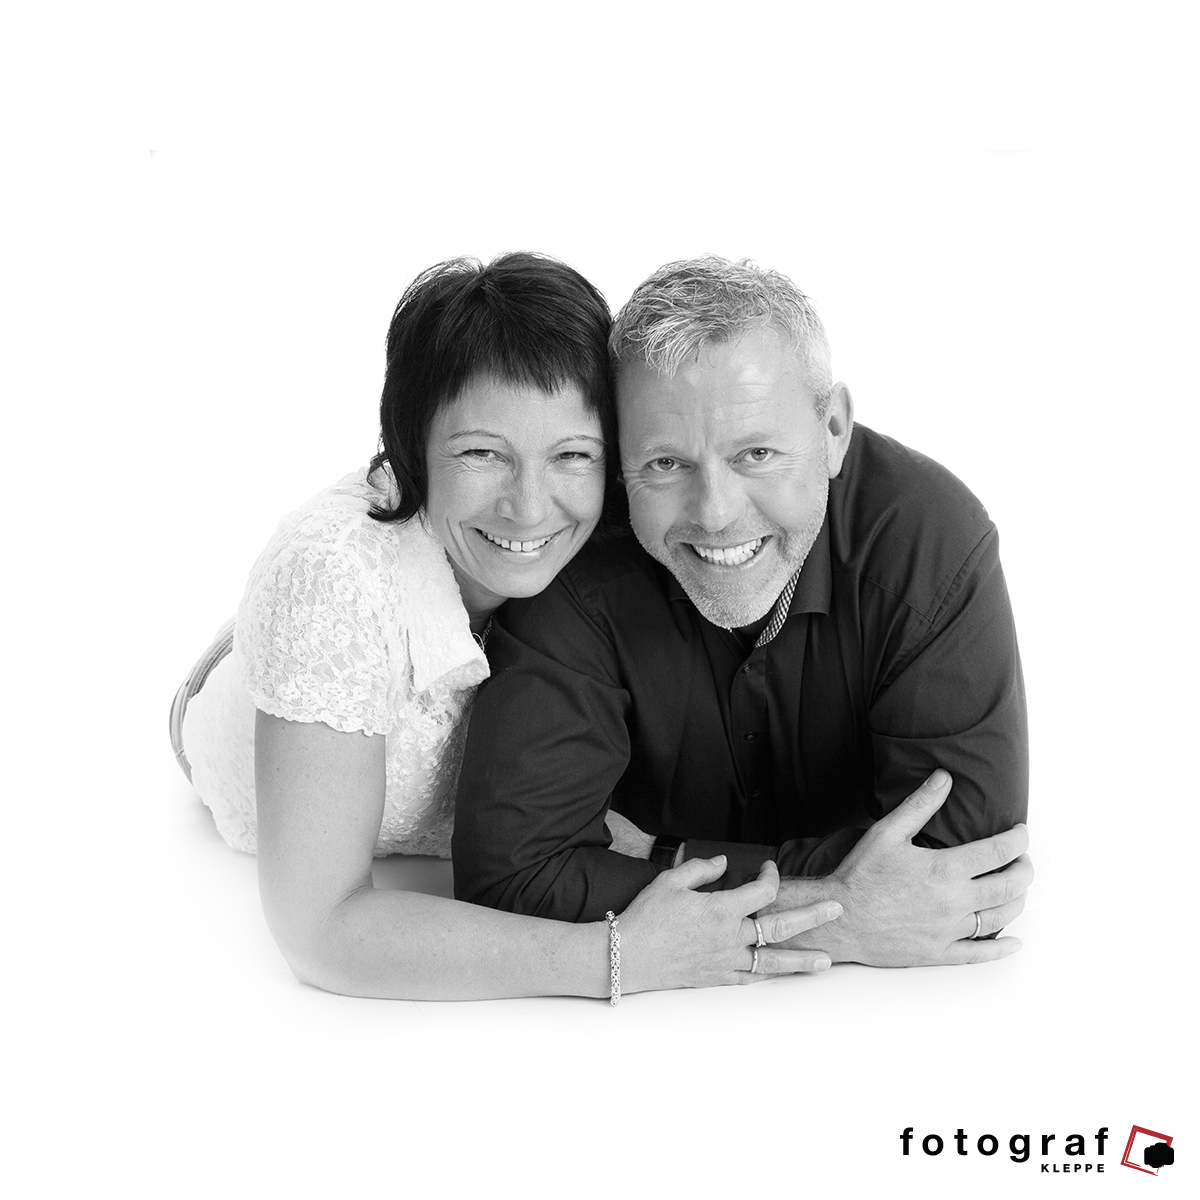 fotograf-kleppe-familie-fotografering-37